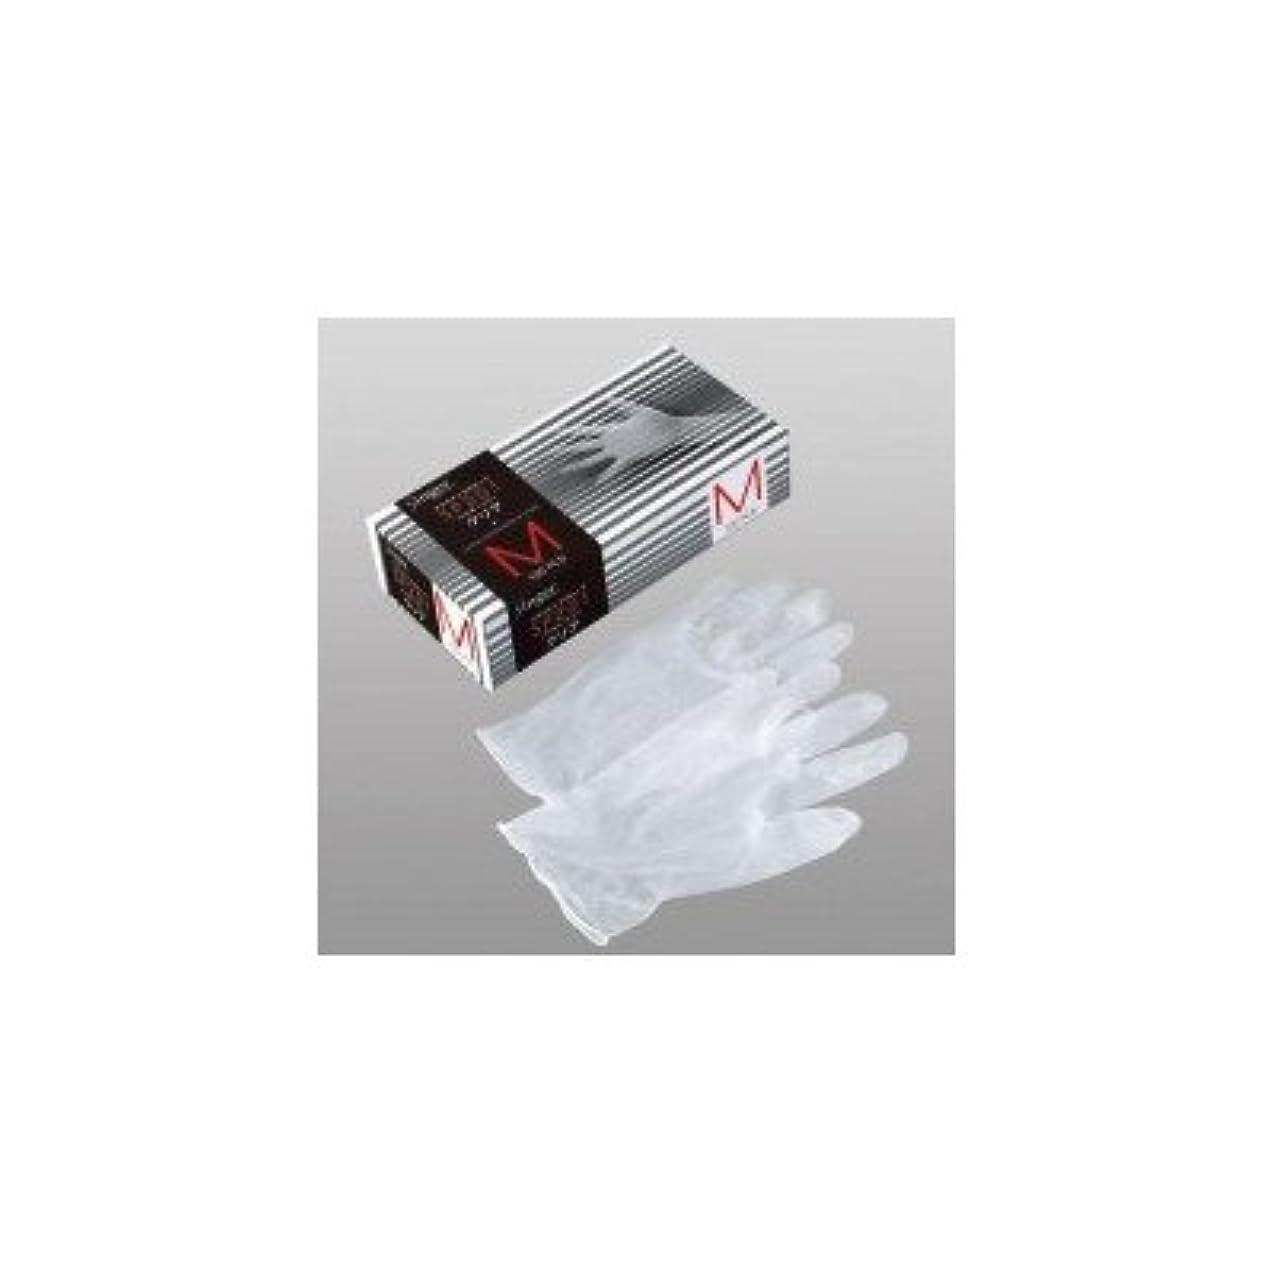 クリア背景洞察力のあるシンガープラスチックグローブ(手袋) SP201 パウダーフリー クリアー(100枚) S( 画像はイメージ画像です お届けの商品はSのみとなります)